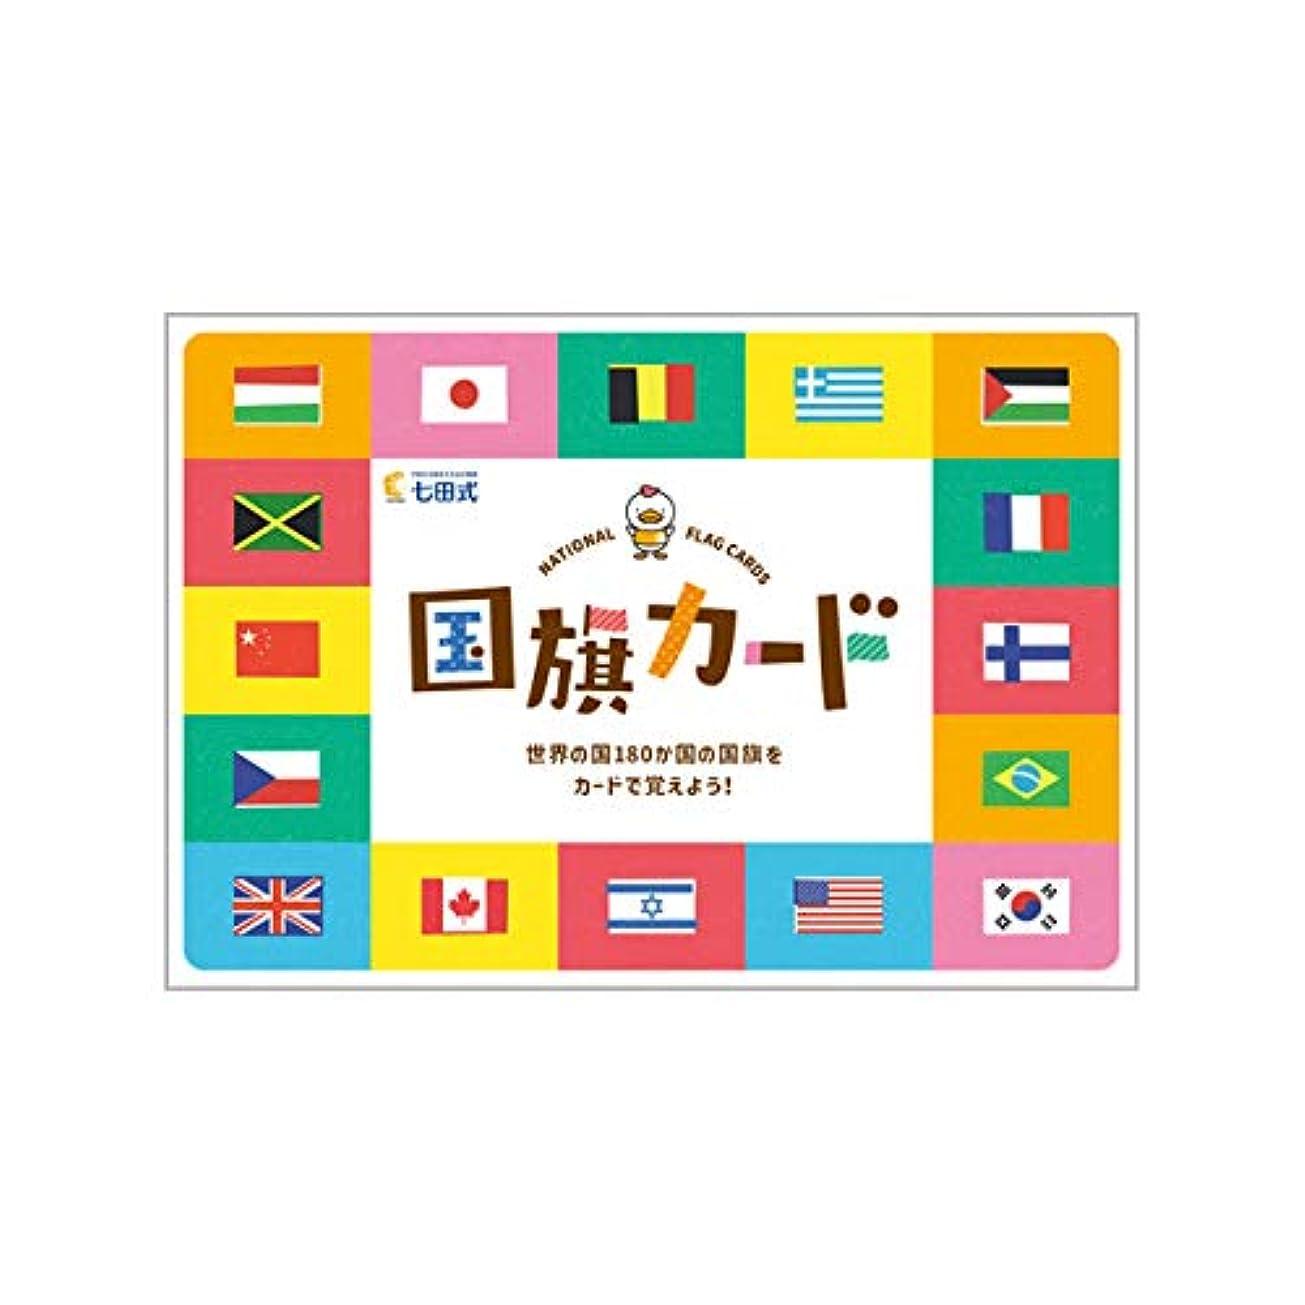 ストレッチ崇拝する誤解を招く七田式国旗カード世界180か国の国旗をカードで覚えよう!